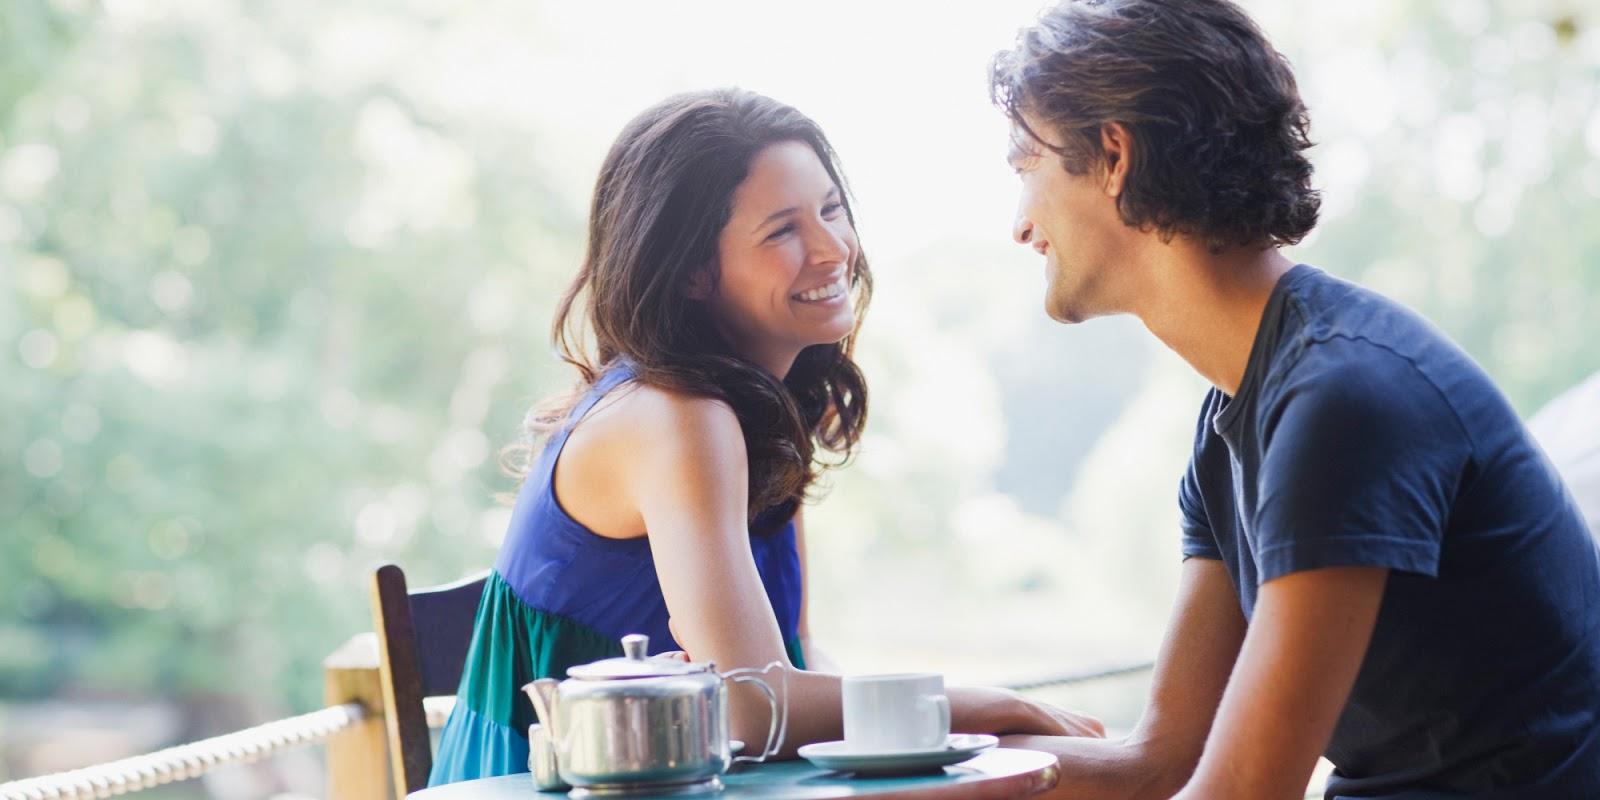 Romantik Erkek Nasıl Olunur Önemli Tüyolar